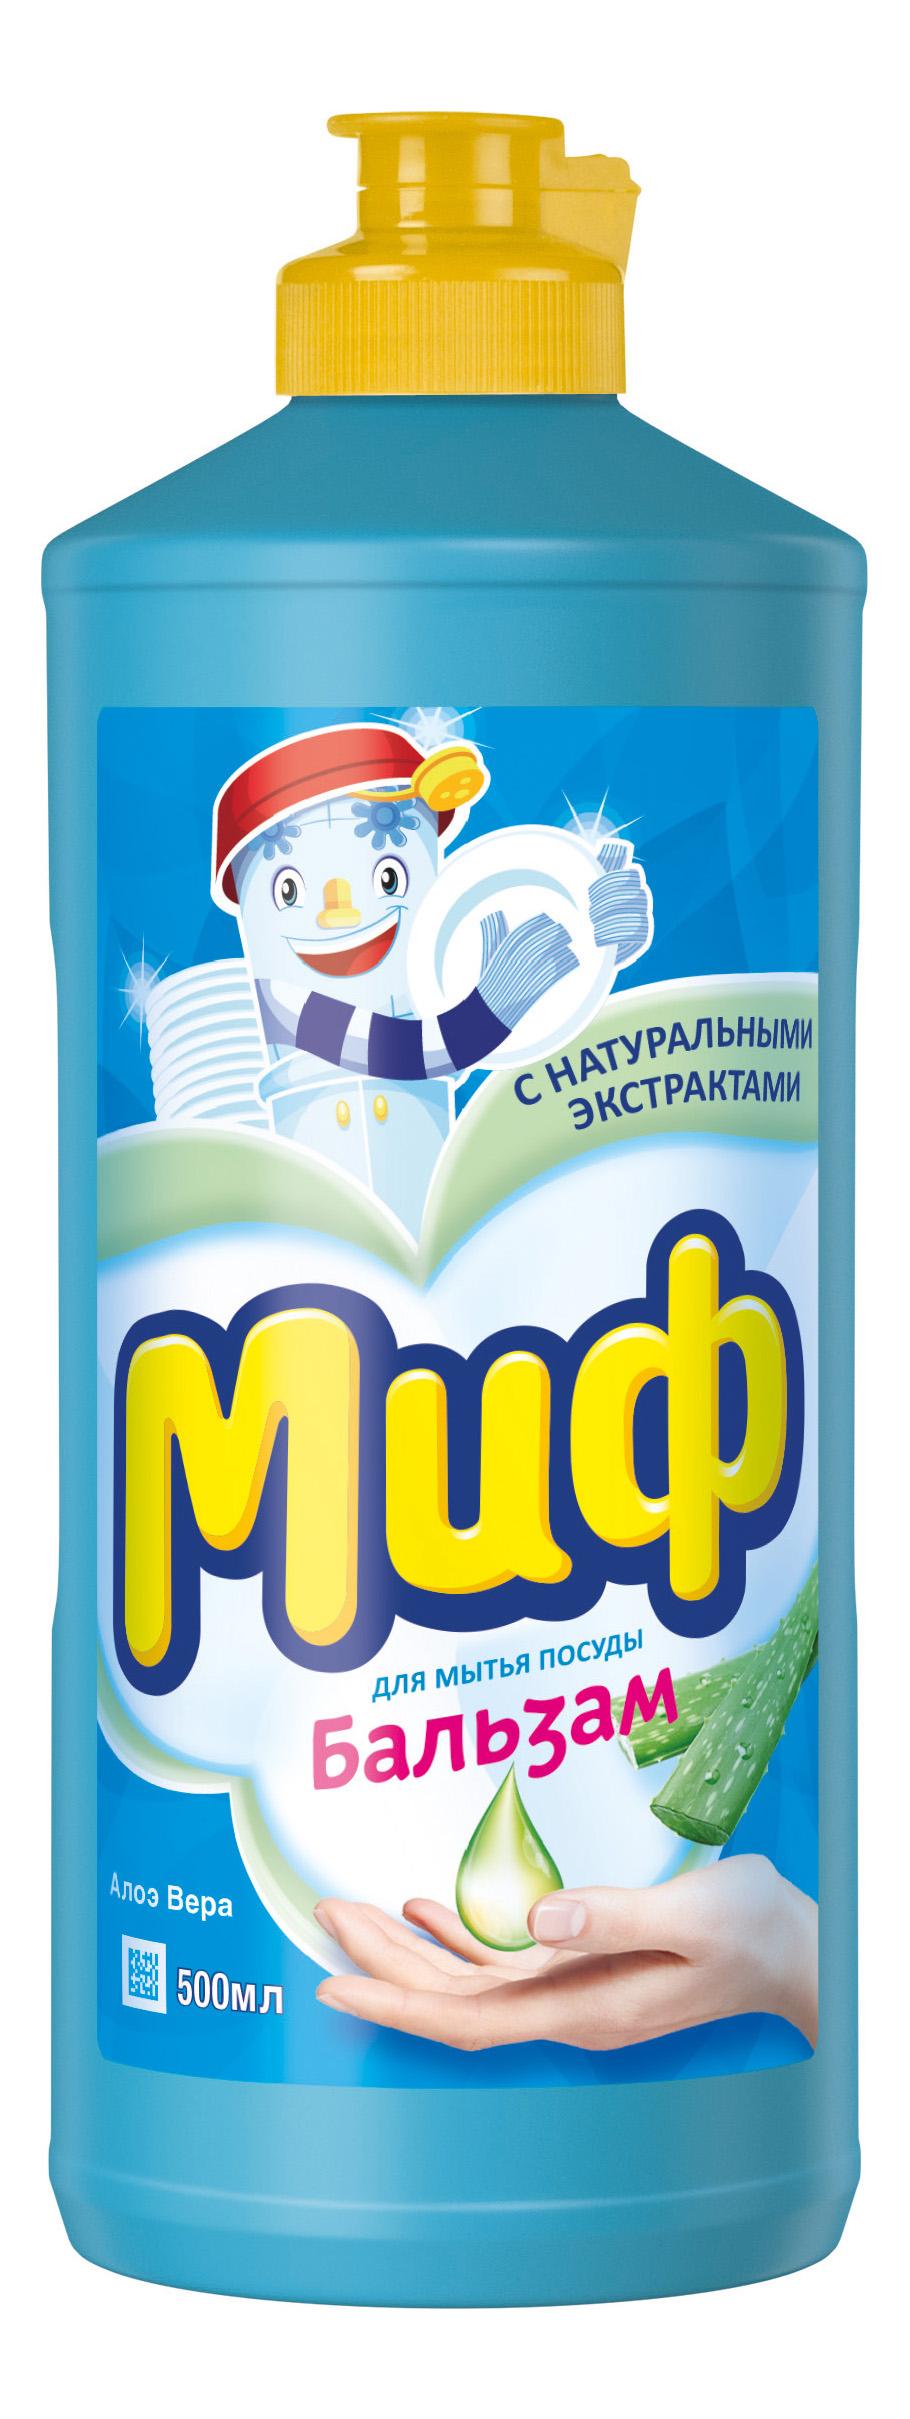 Средство для мытья посуды Миф бальзам алоэ вера 500 мл